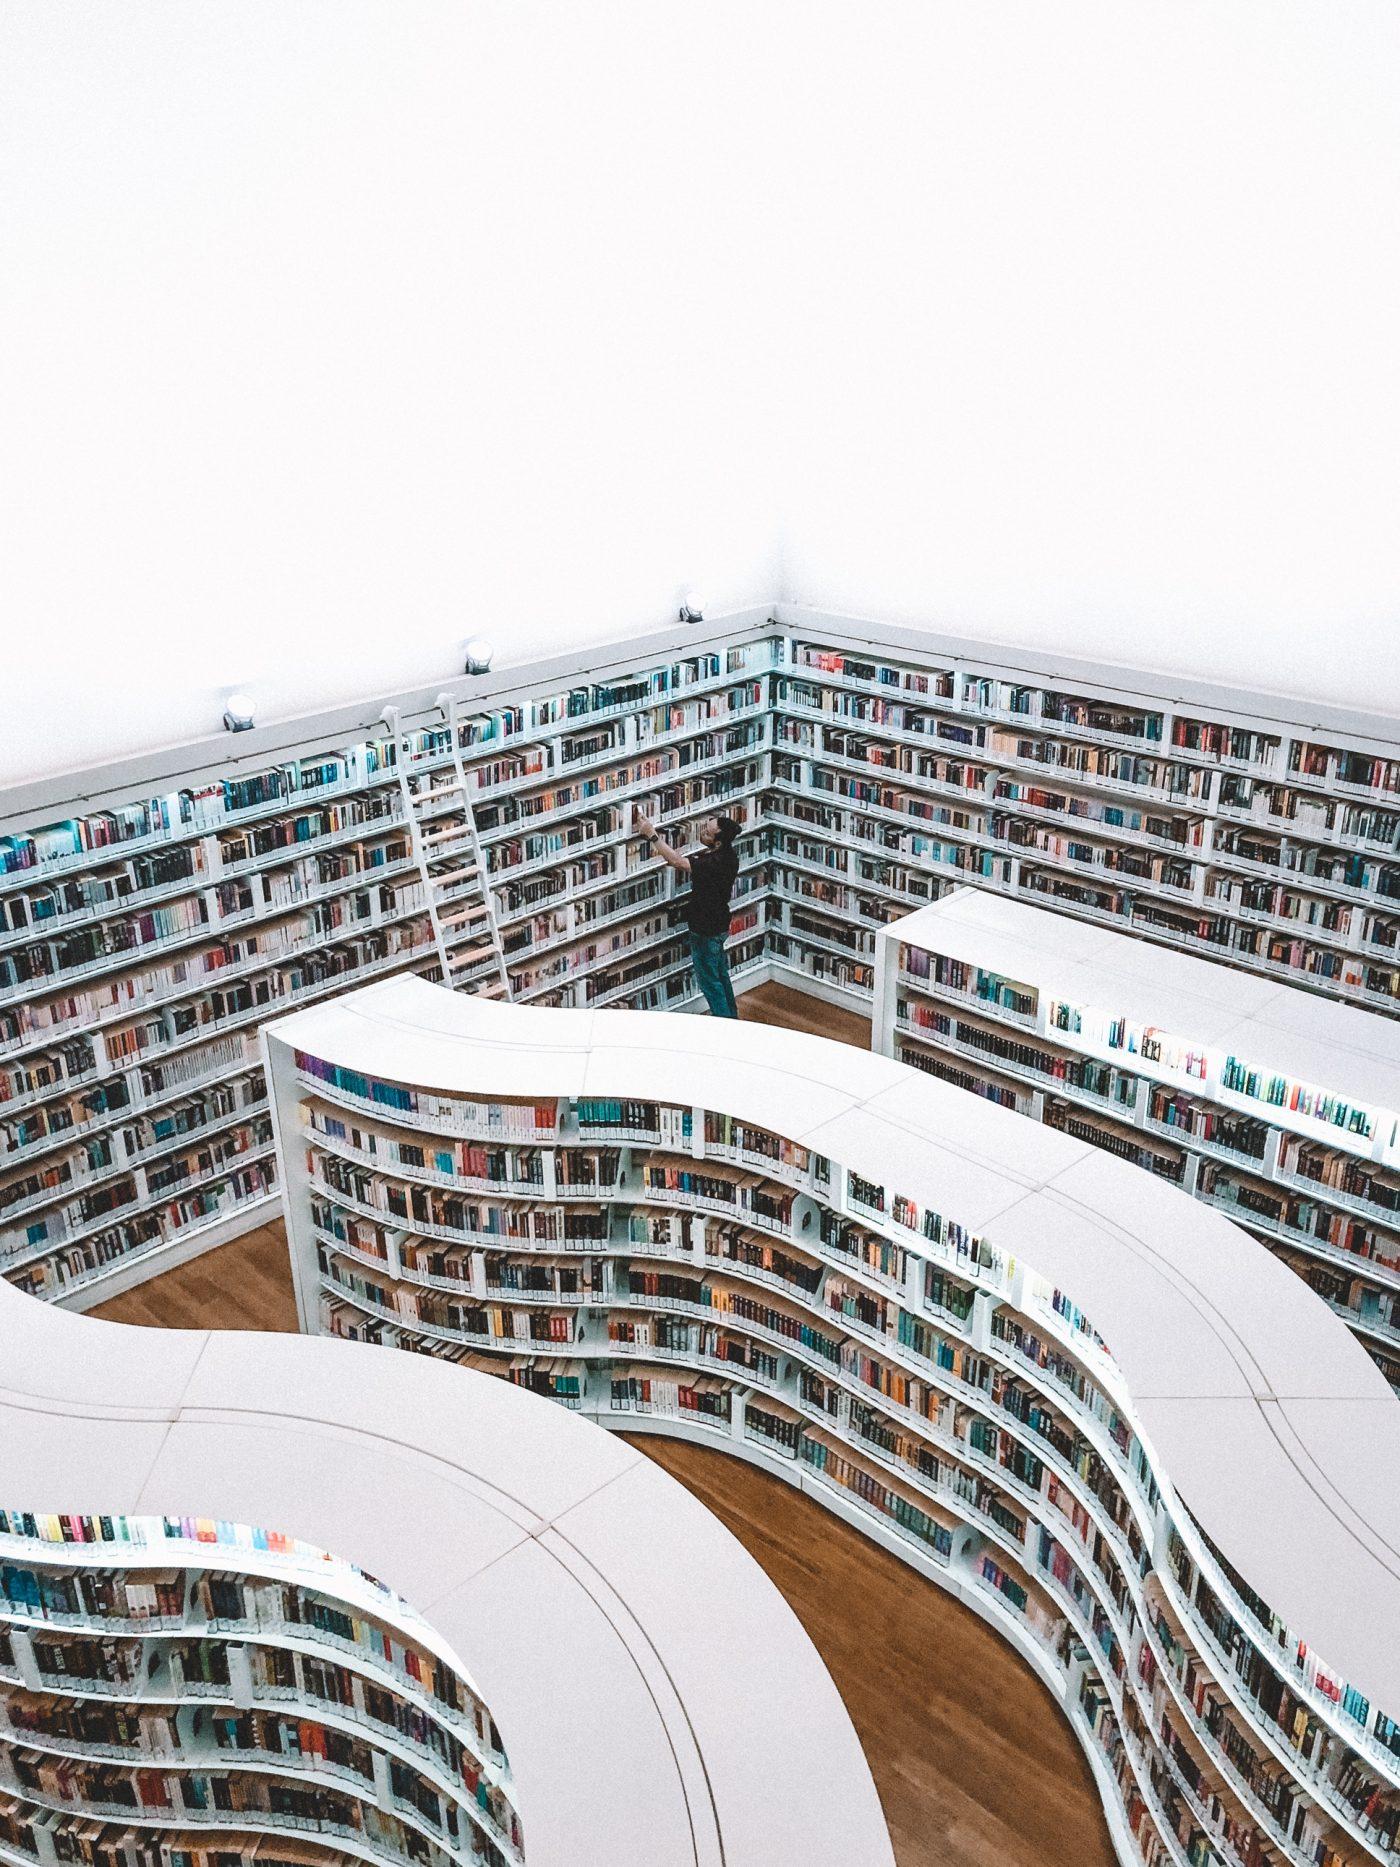 De Libros Prohibidos. Javier Miró